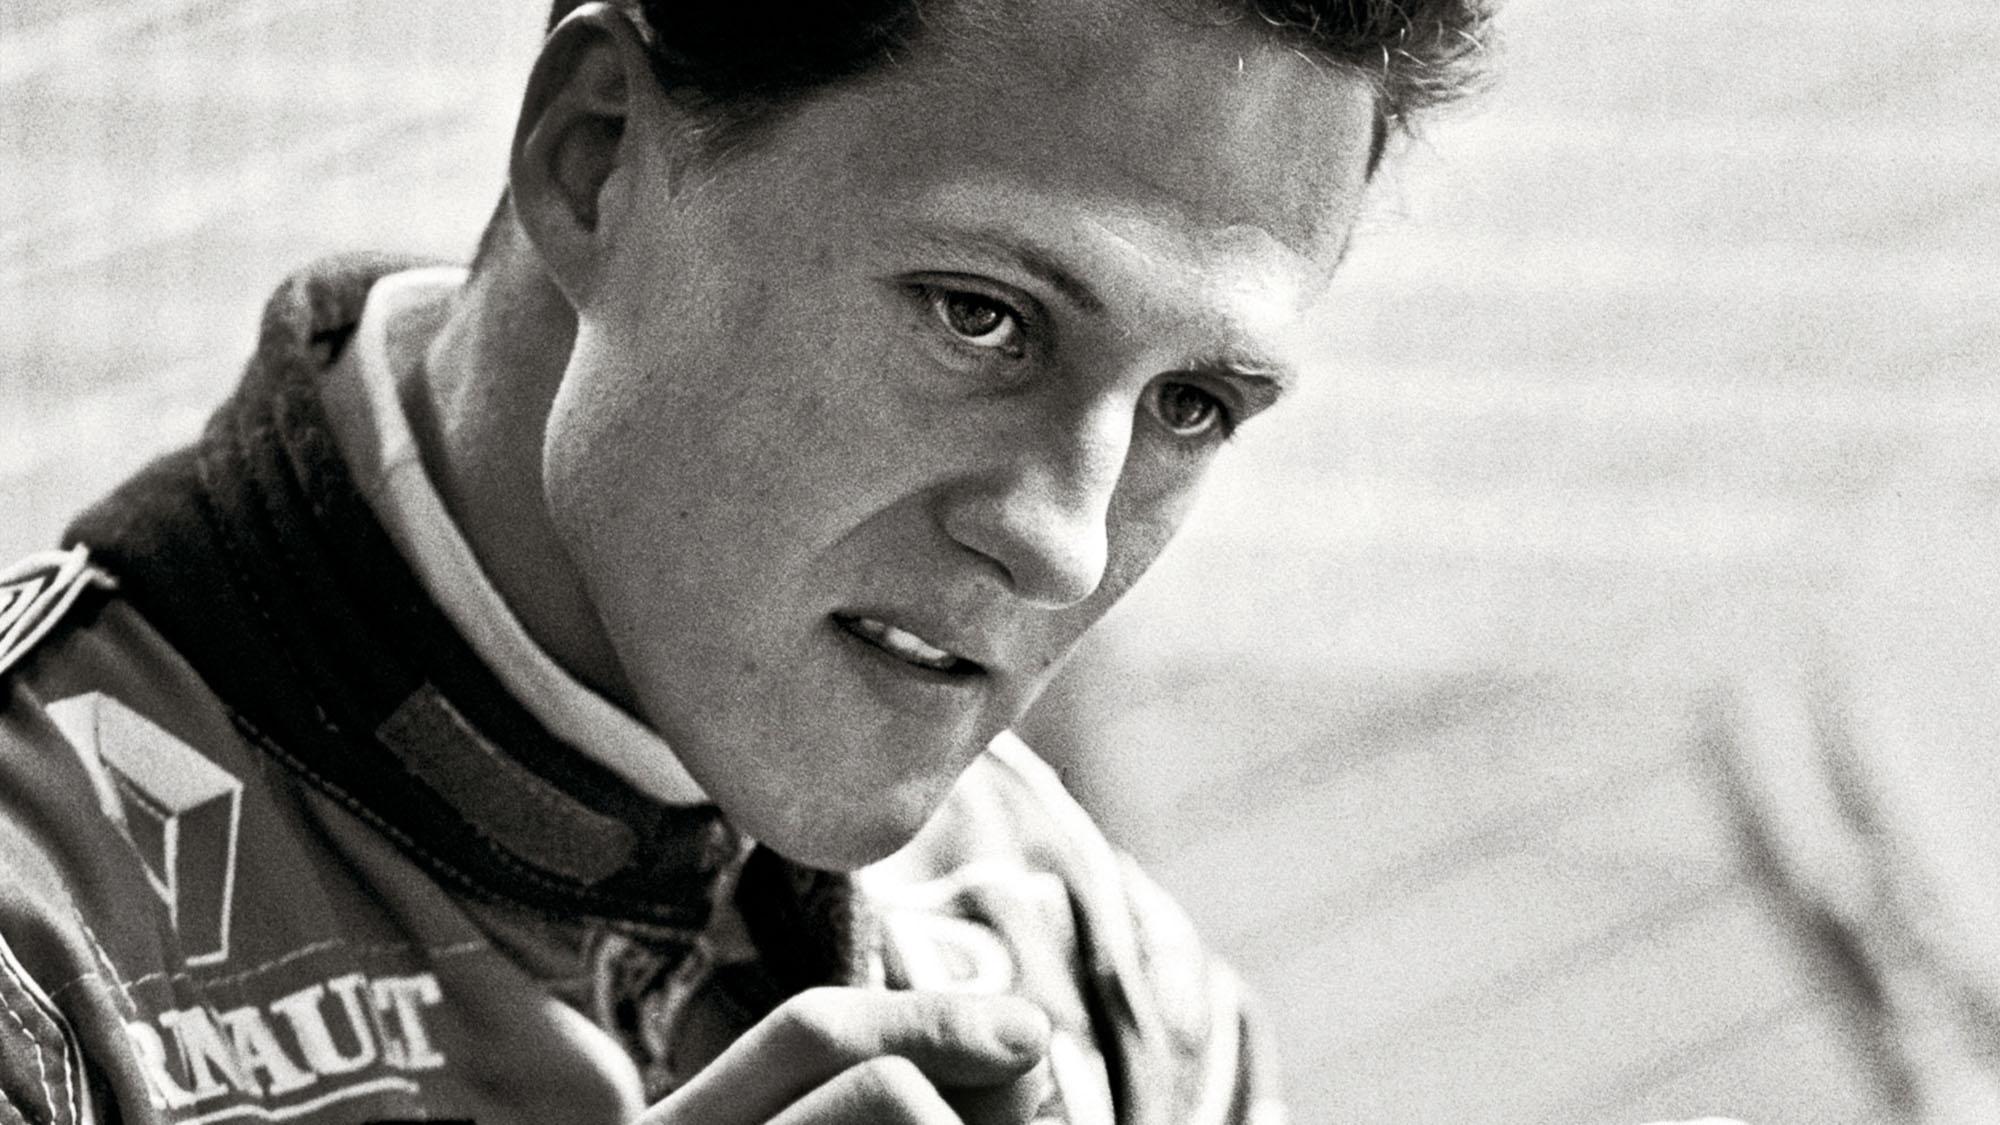 Michael Schumacher in Benetton race suit